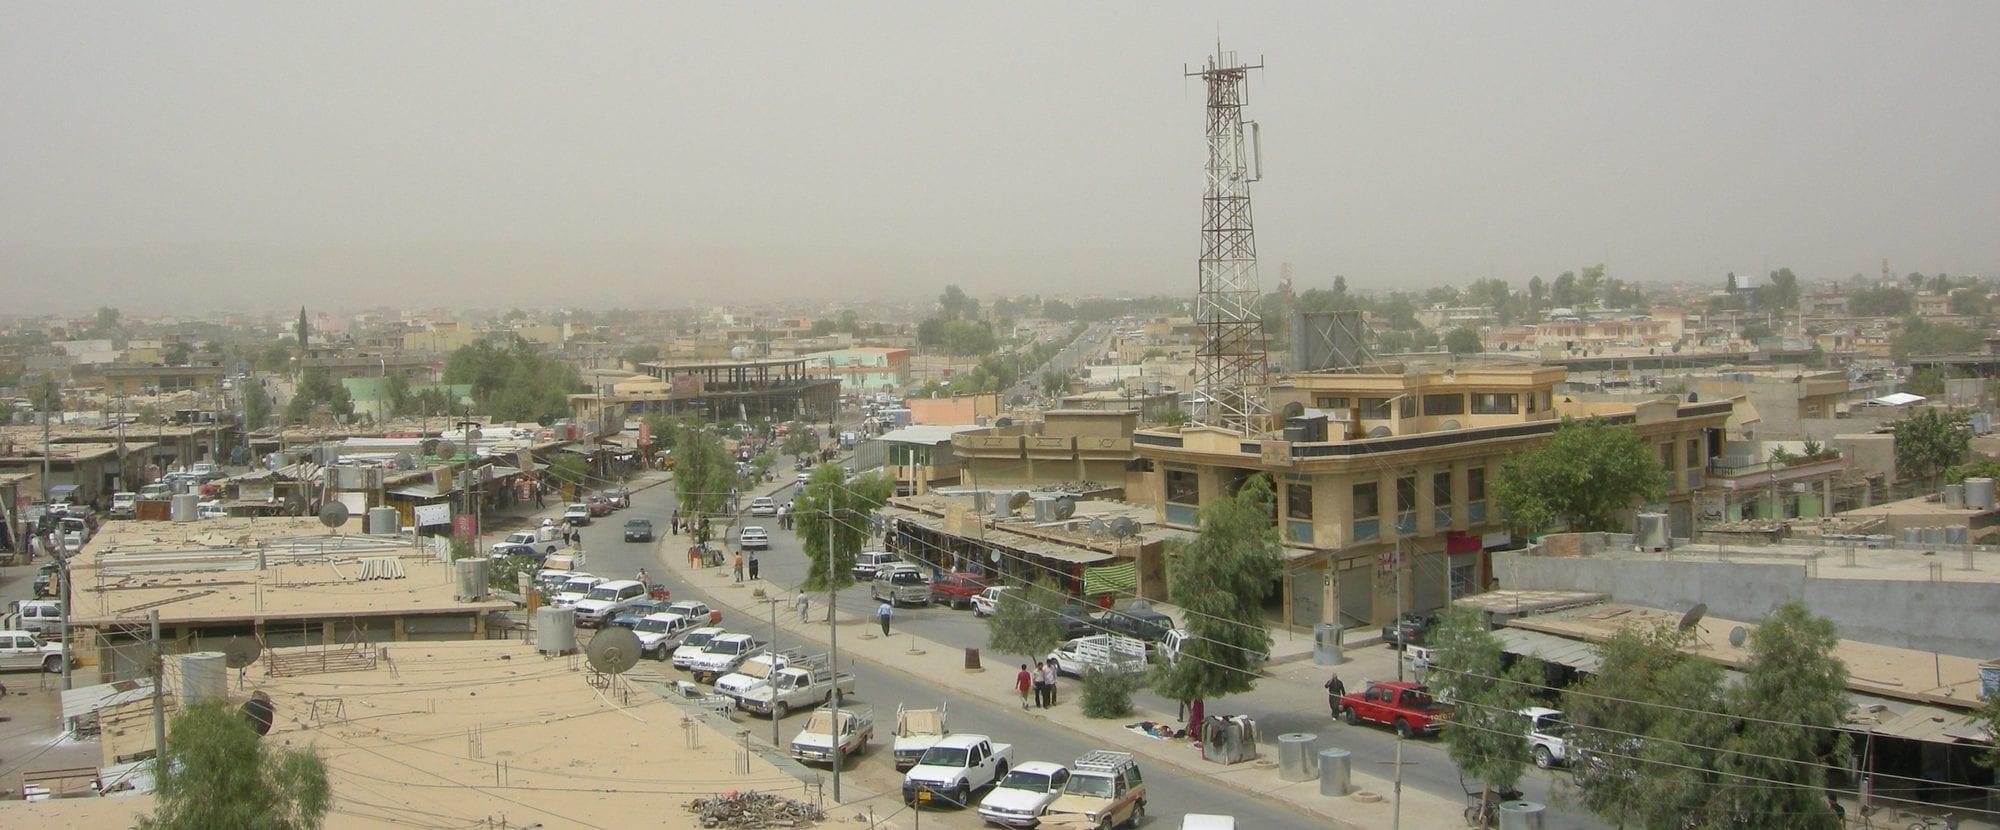 مدينة جمجمال في محافظة السليمانية